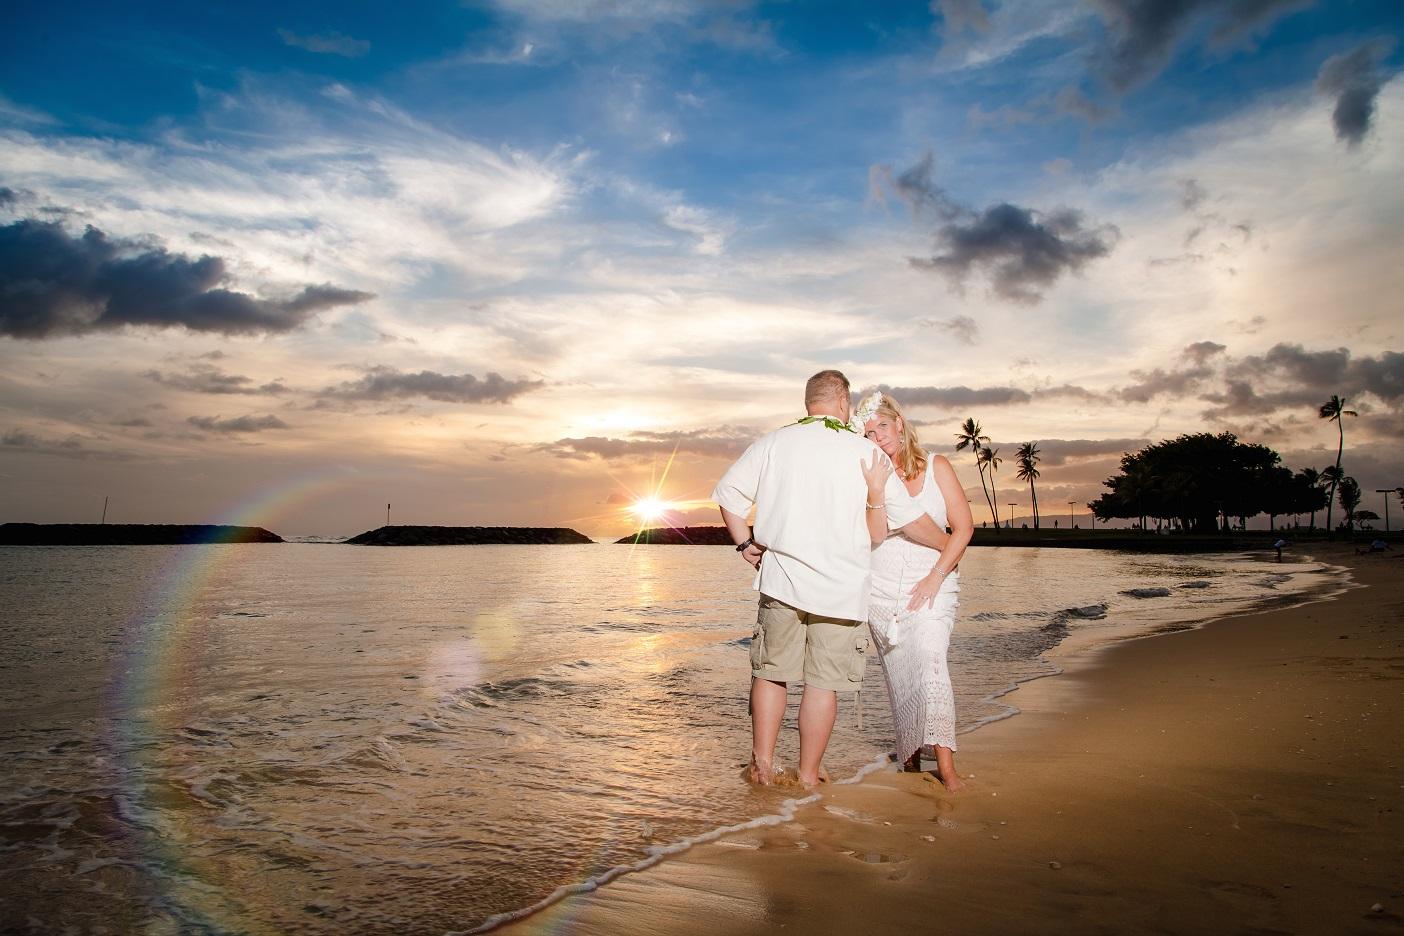 oahu honolulu destination wedding photography